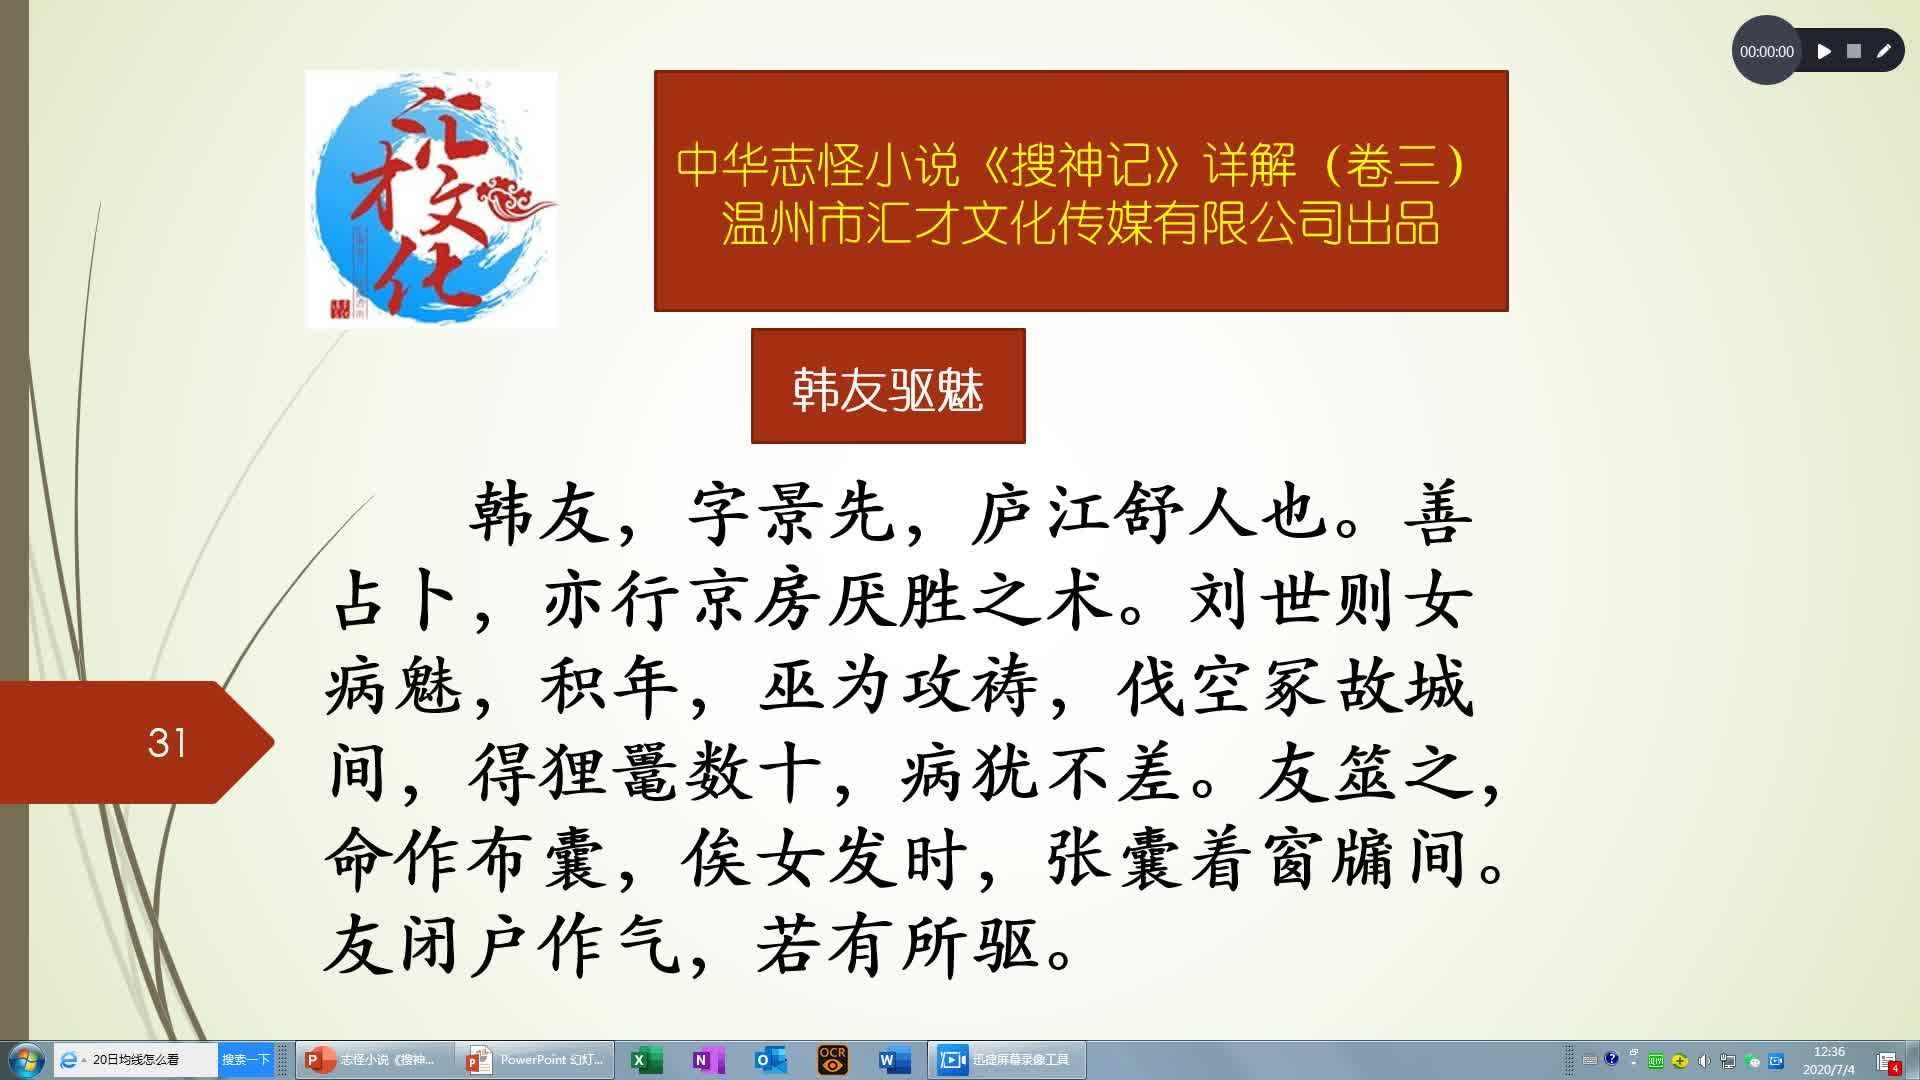 中华志怪小说《搜神记》详解卷三45韩友驱魅